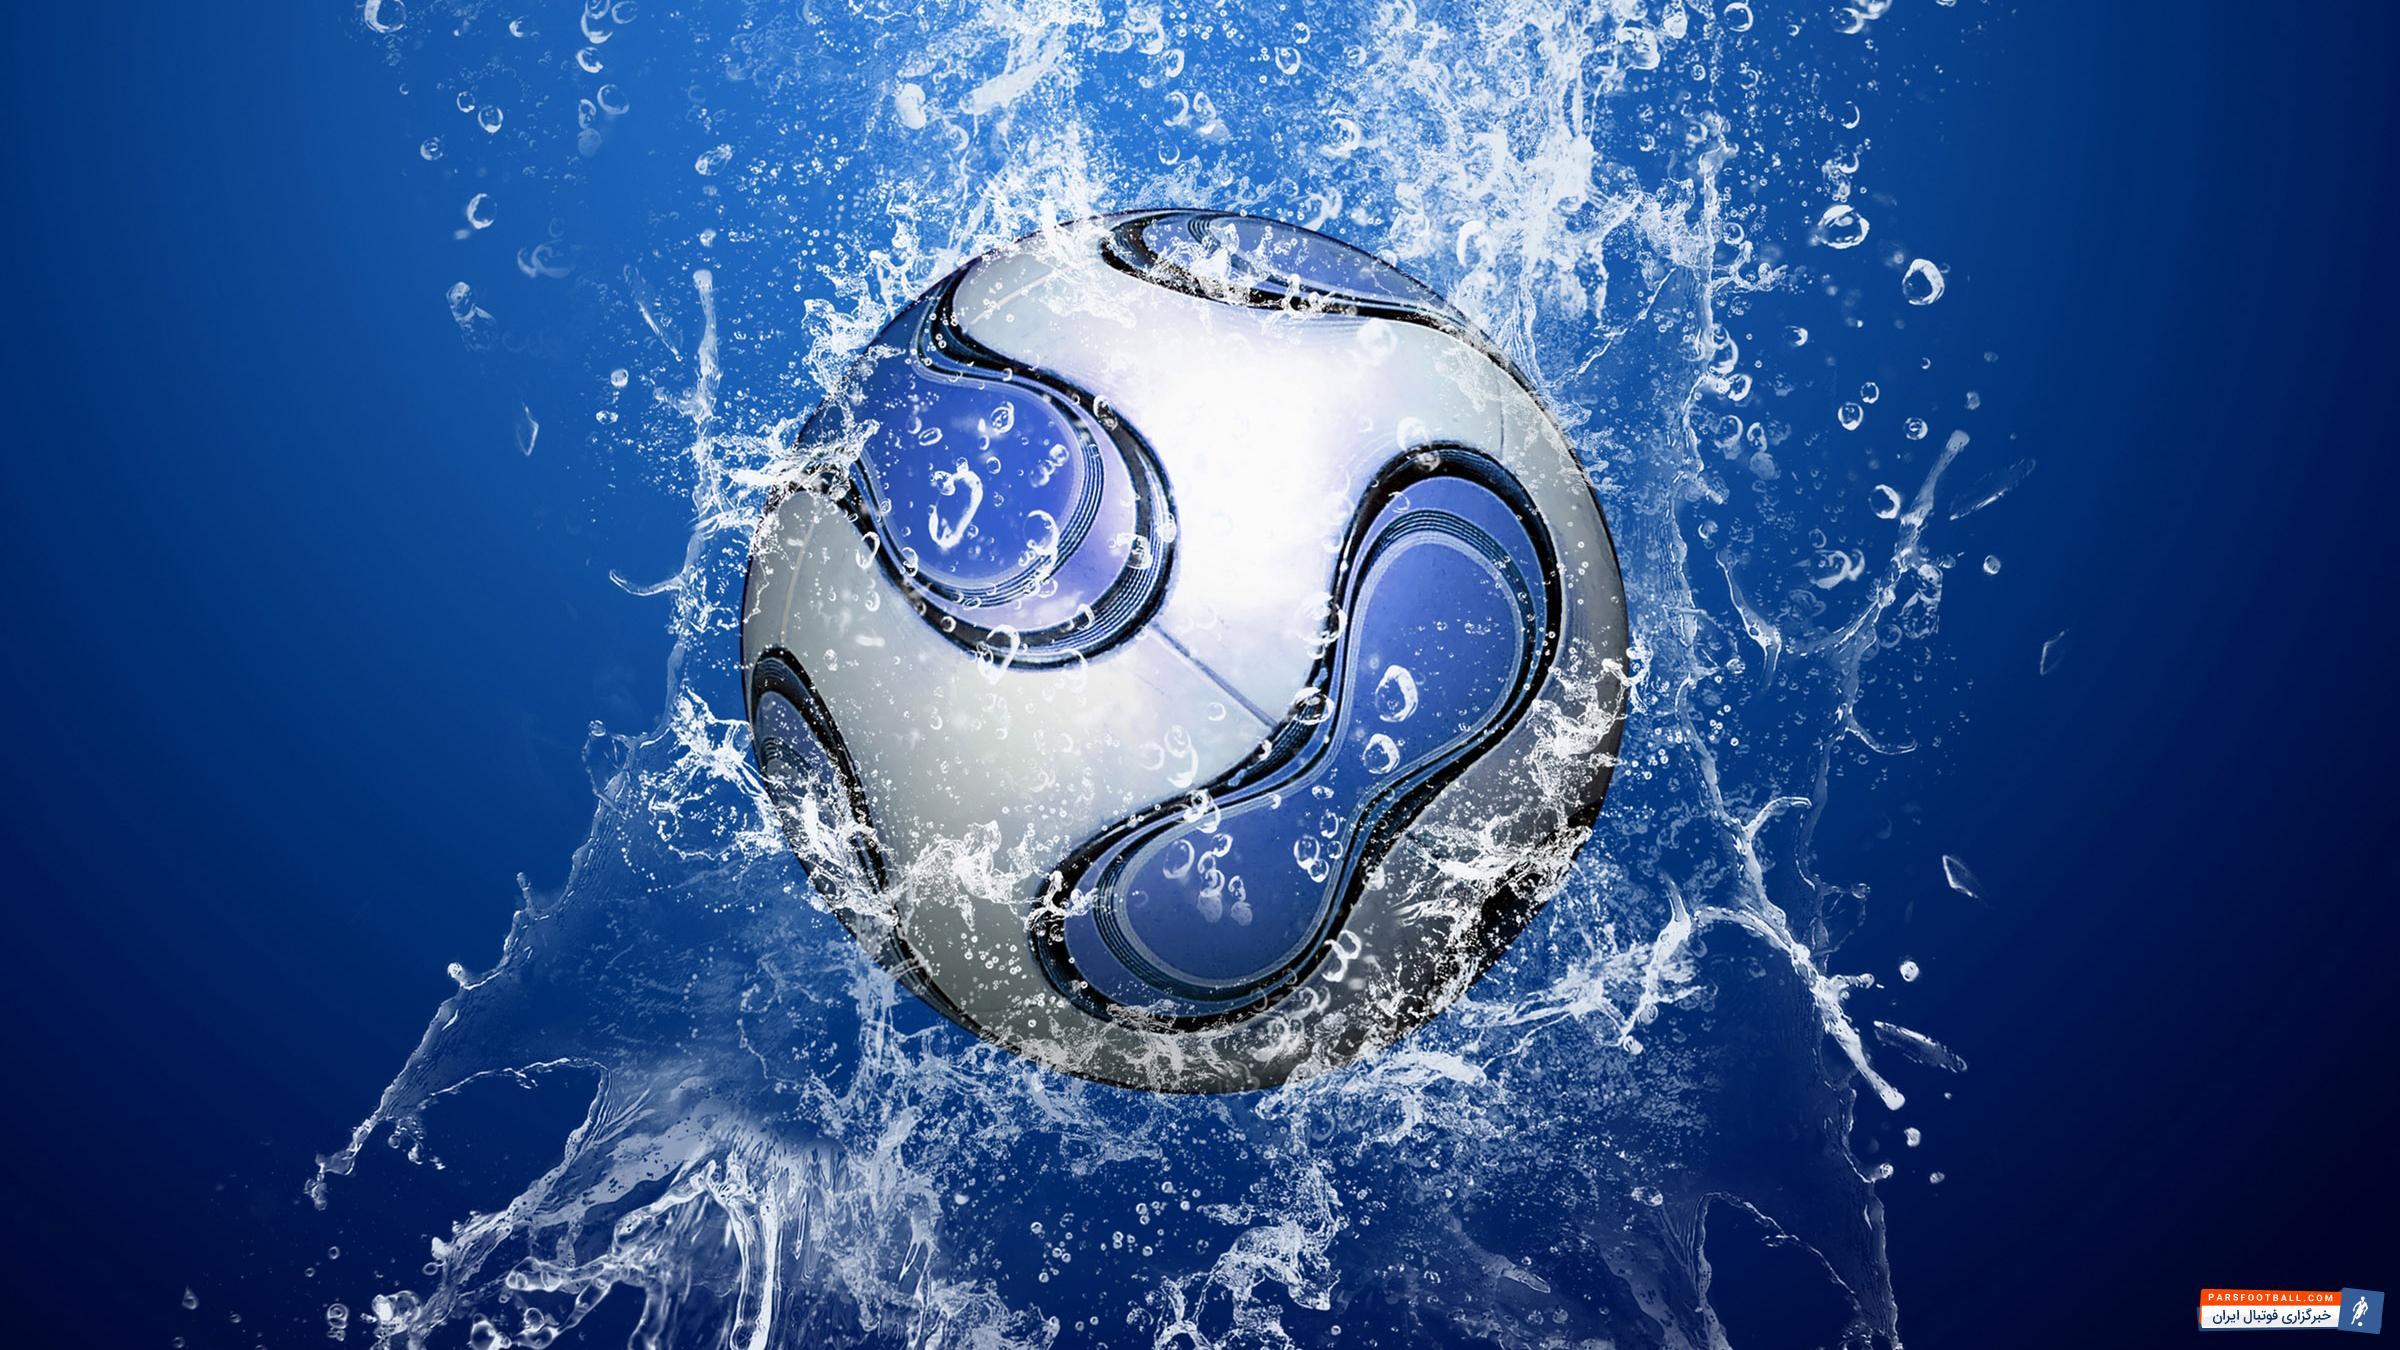 مجموعه ای شامل سه تصویر ویژه بک گراند کامپیوتر از توپ فوتبال